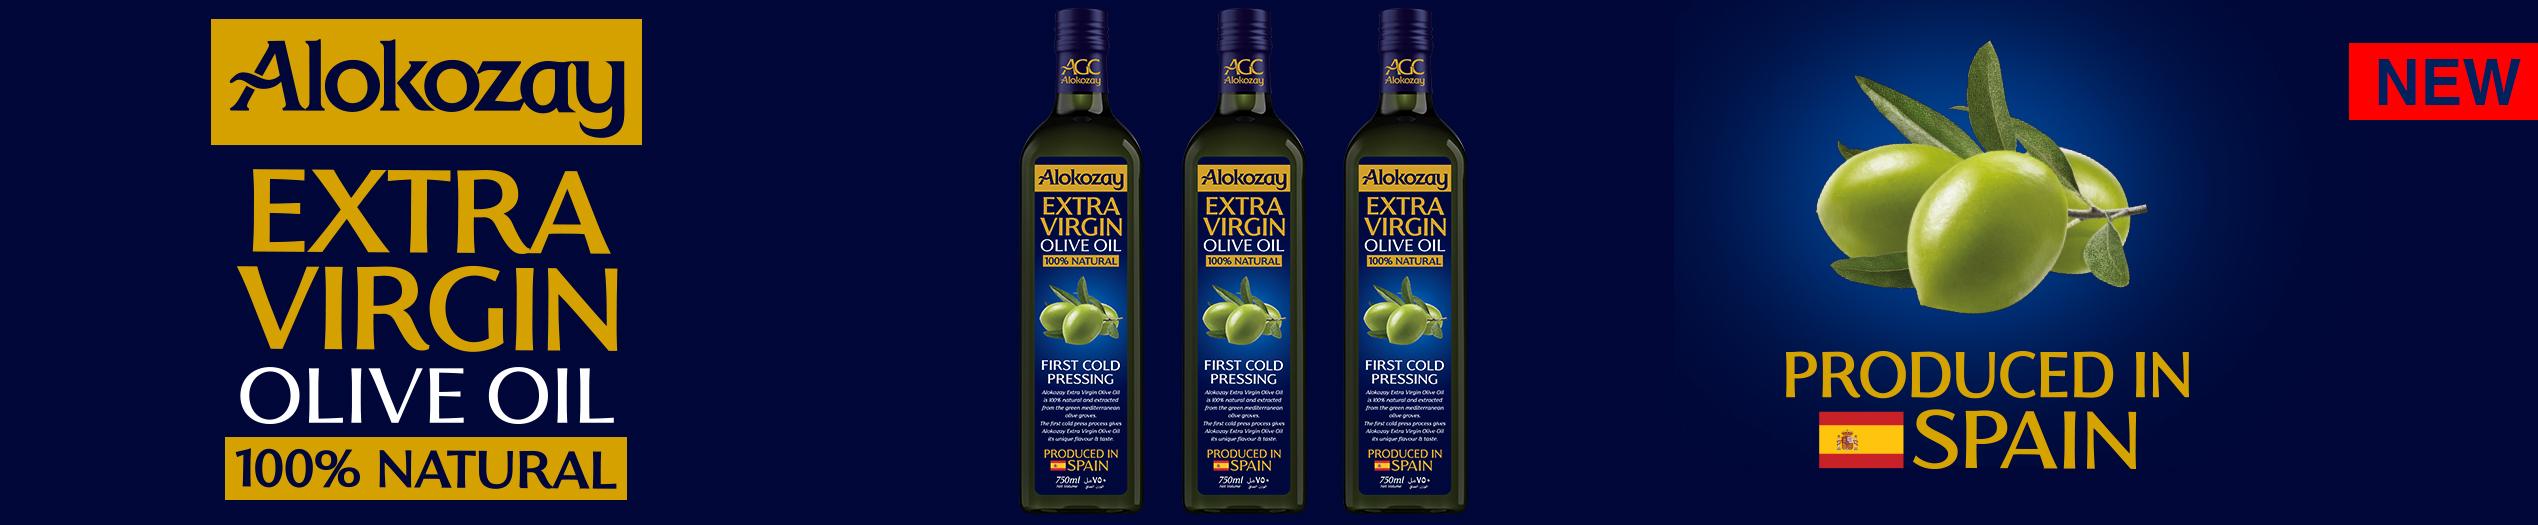 Alokozay Extra Virgin Olive Oil